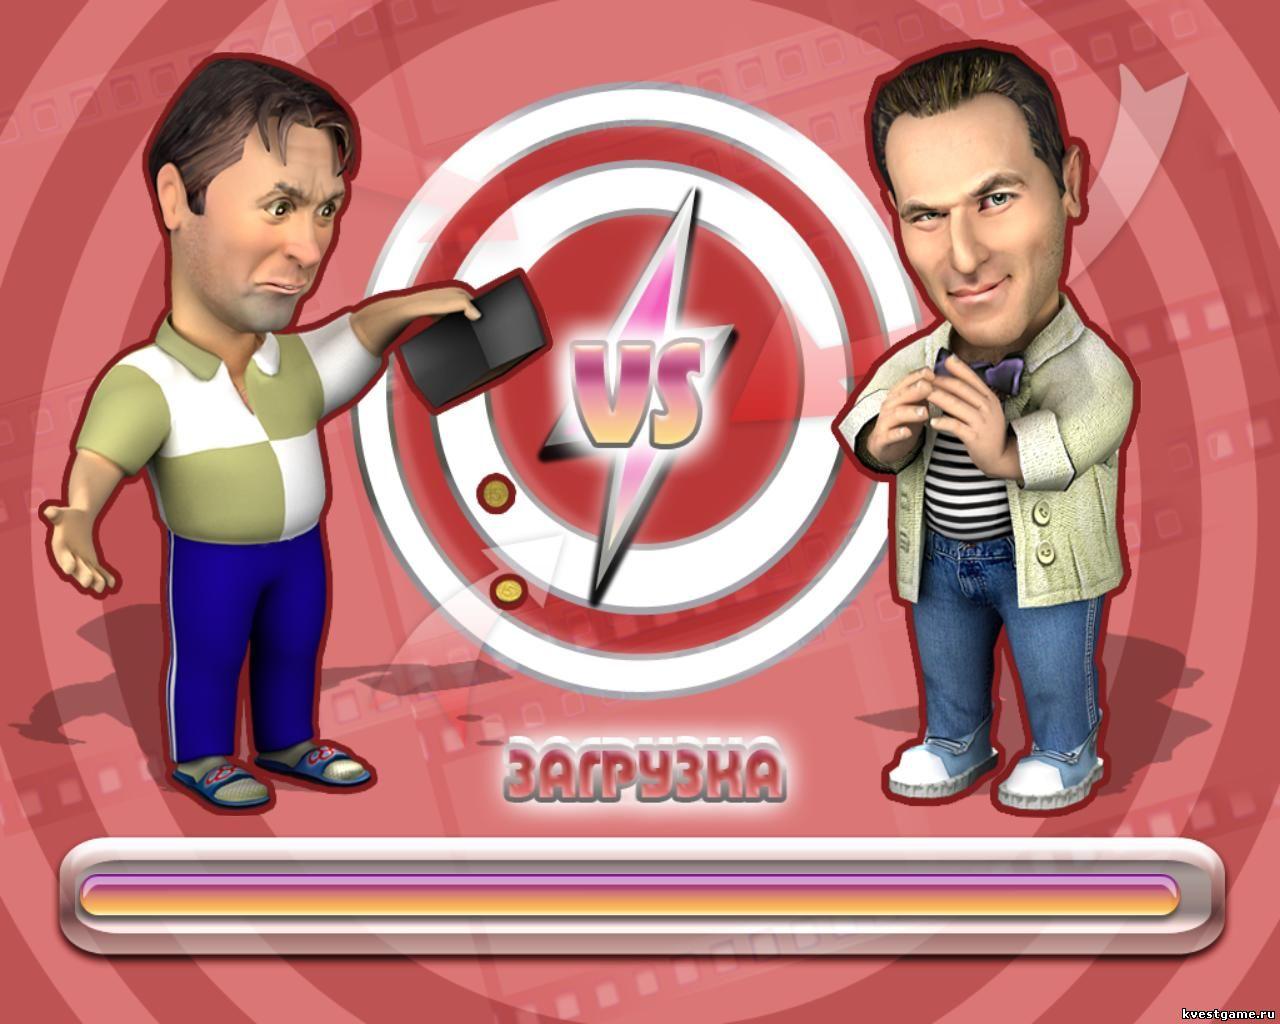 постер пятого уровня игры.